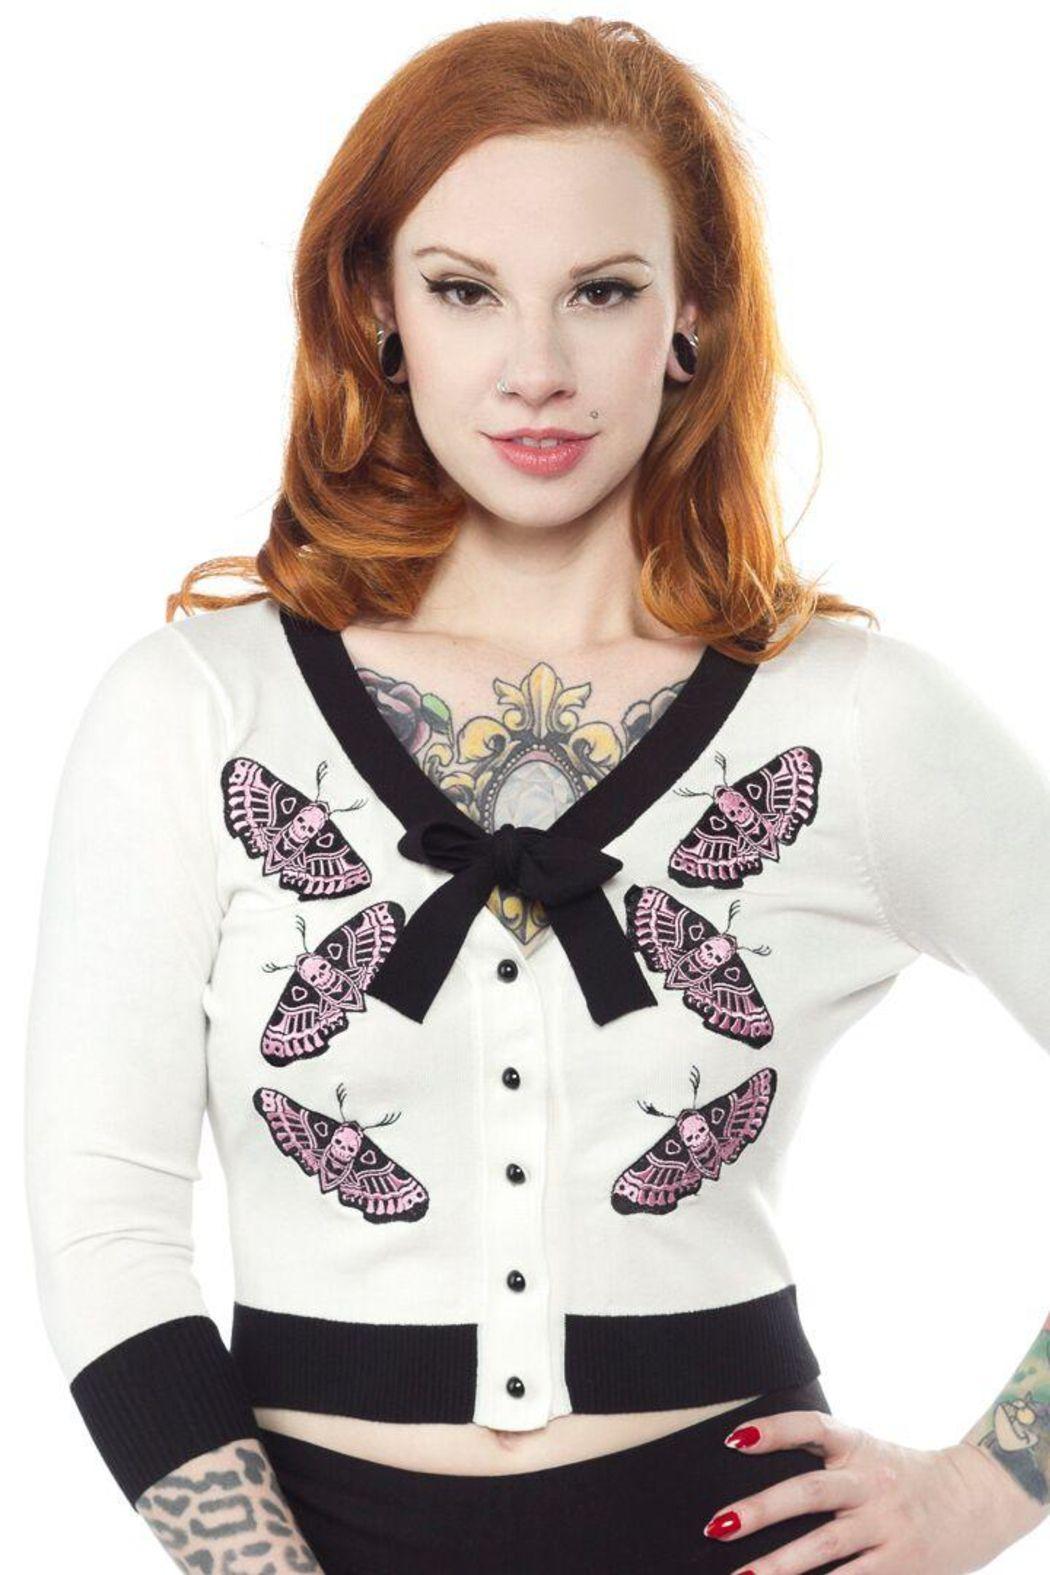 SPCA95_cardigan-rockabilly-pin-up-gothabilly-sourpuss-death-moth